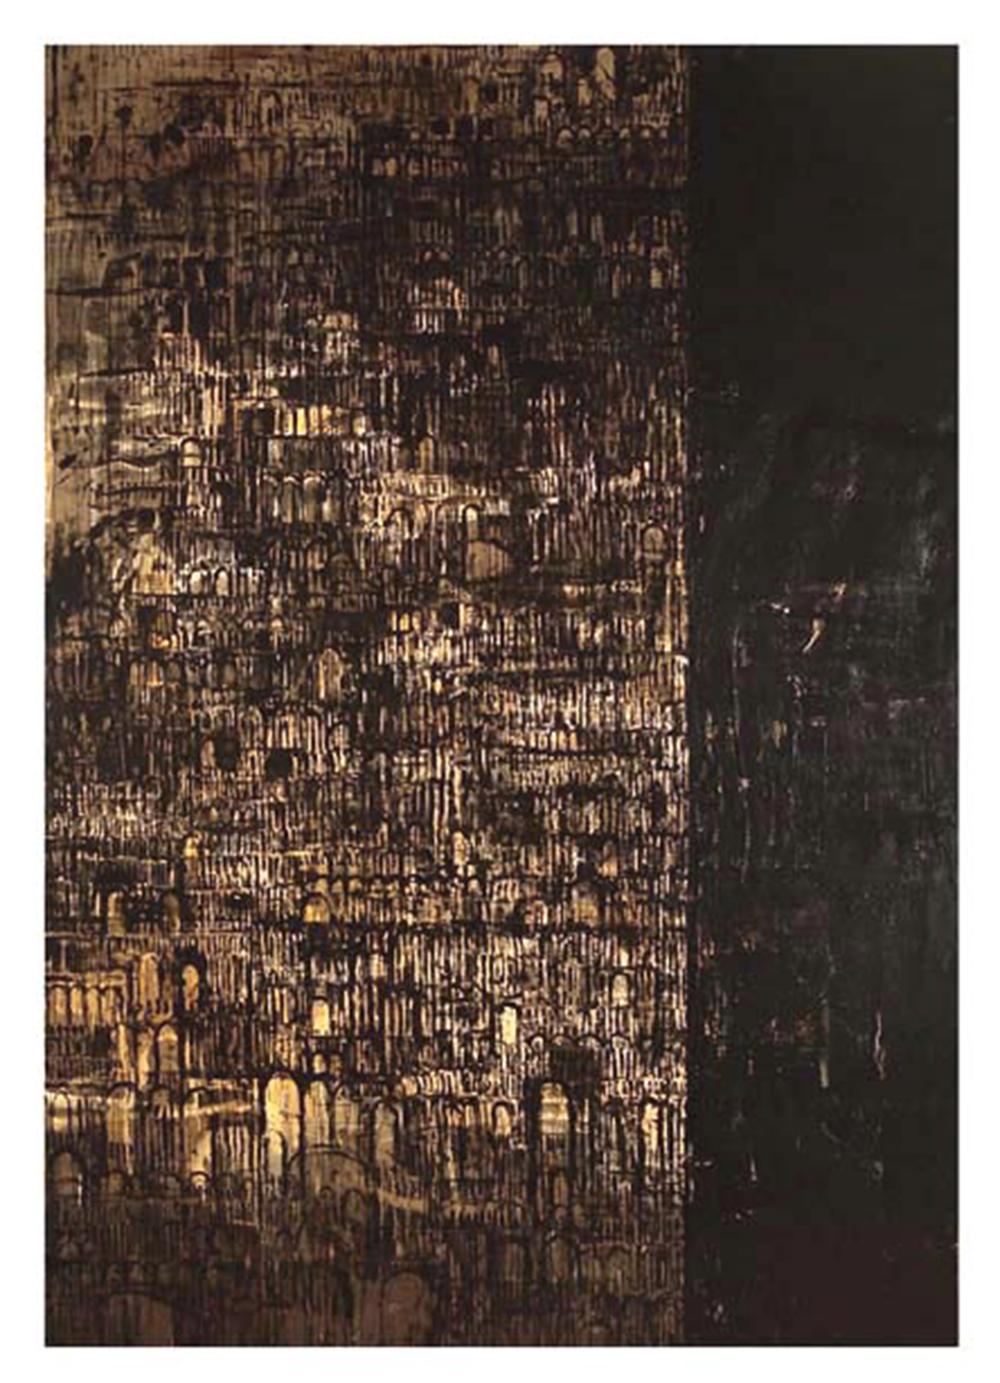 Cattedrale, 2004, olio su tela, cm 400x280 - Collez. Carisbo S. Giorgio in Poggiale, Bologna